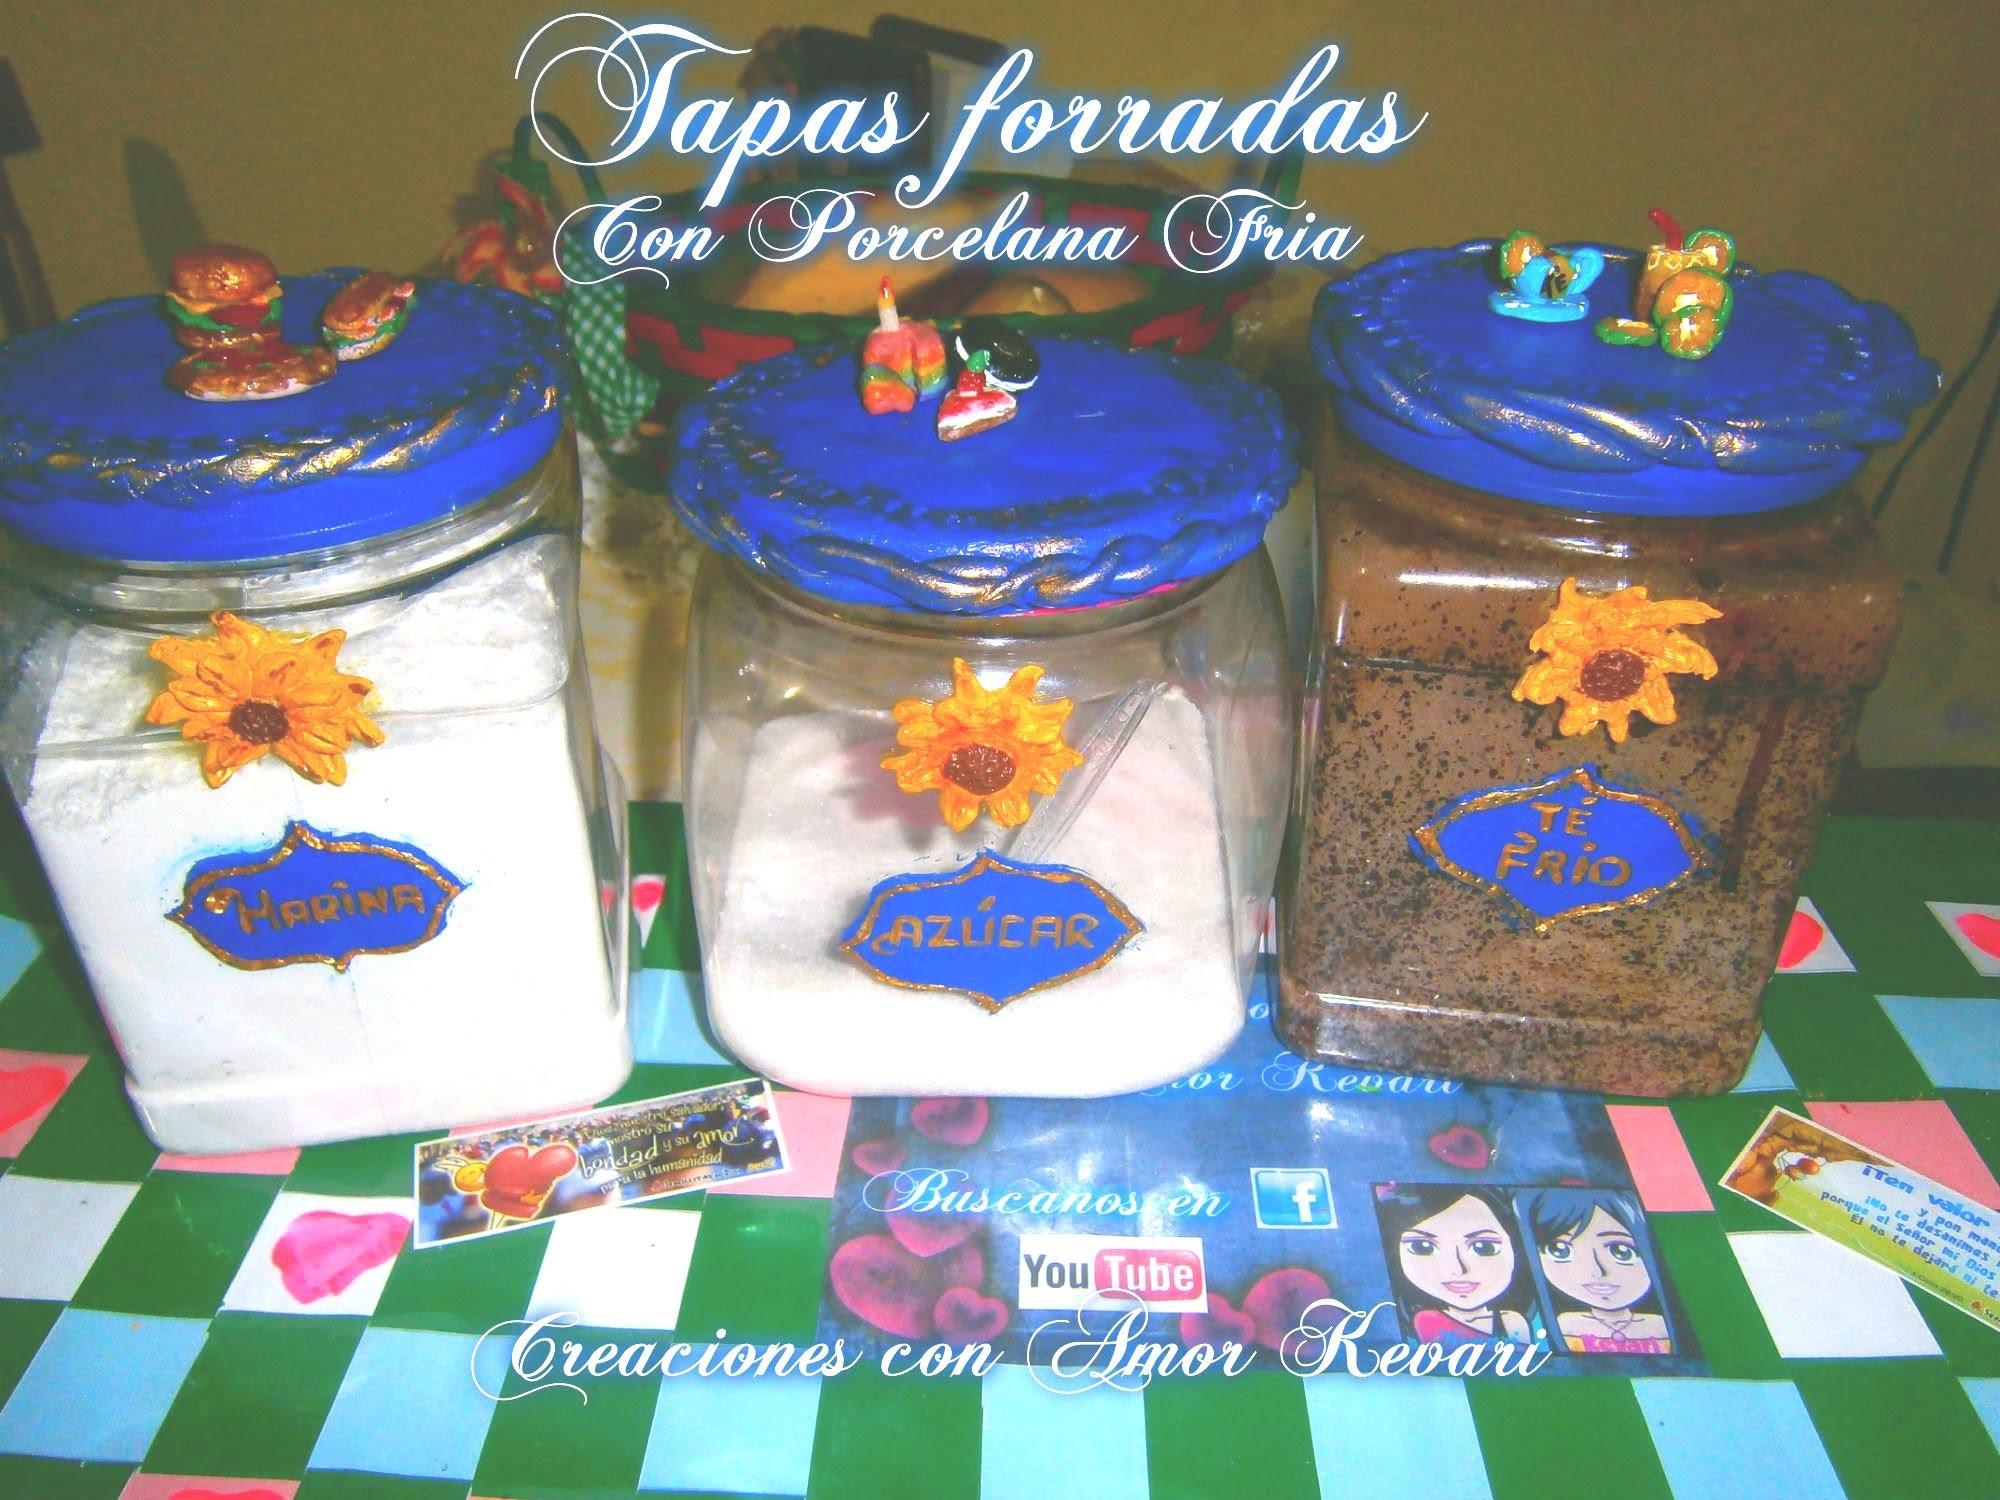 Frascos Decorados(porcelana fria).HOW TO make jars with decorative lids